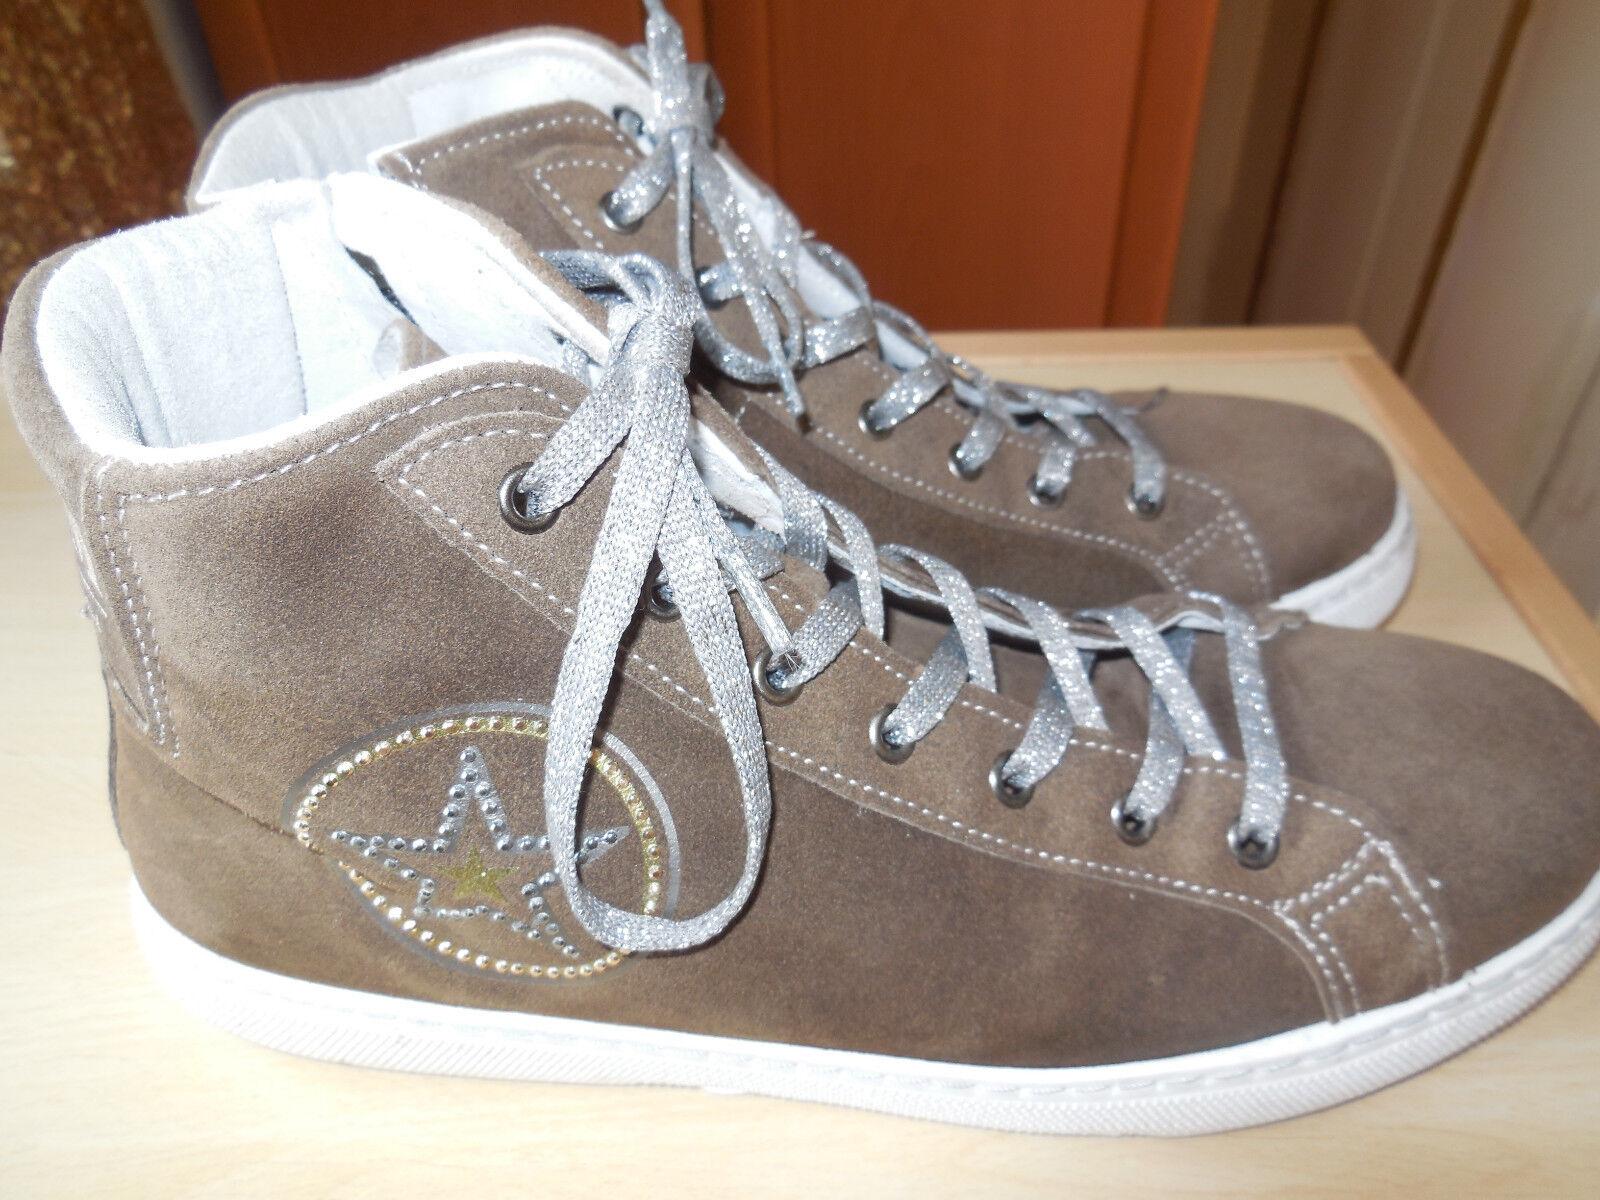 Thomas Rath Sneaker Grösse 41, 41, 41, taupe, Velourleder, RV, Weite G, 1 x getragen d6ccaa